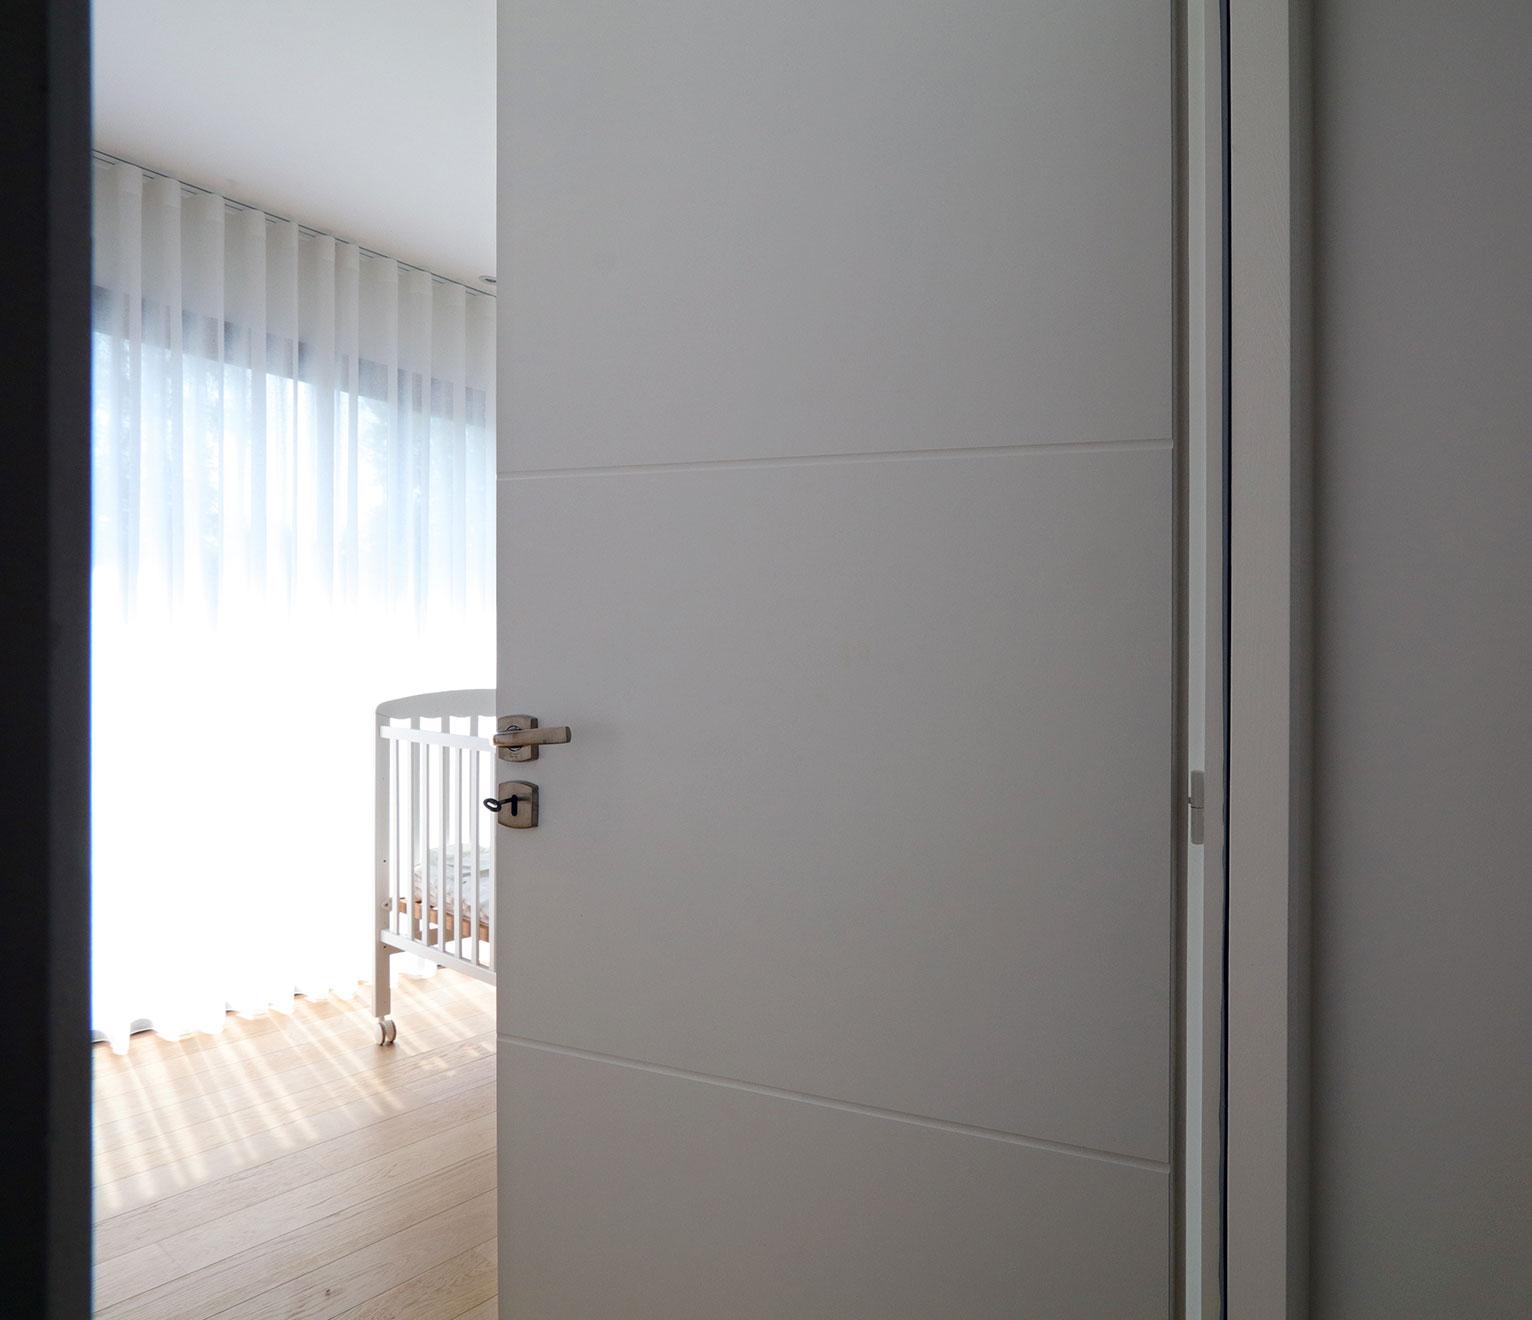 Portes intérieures igc couleur personnalisée